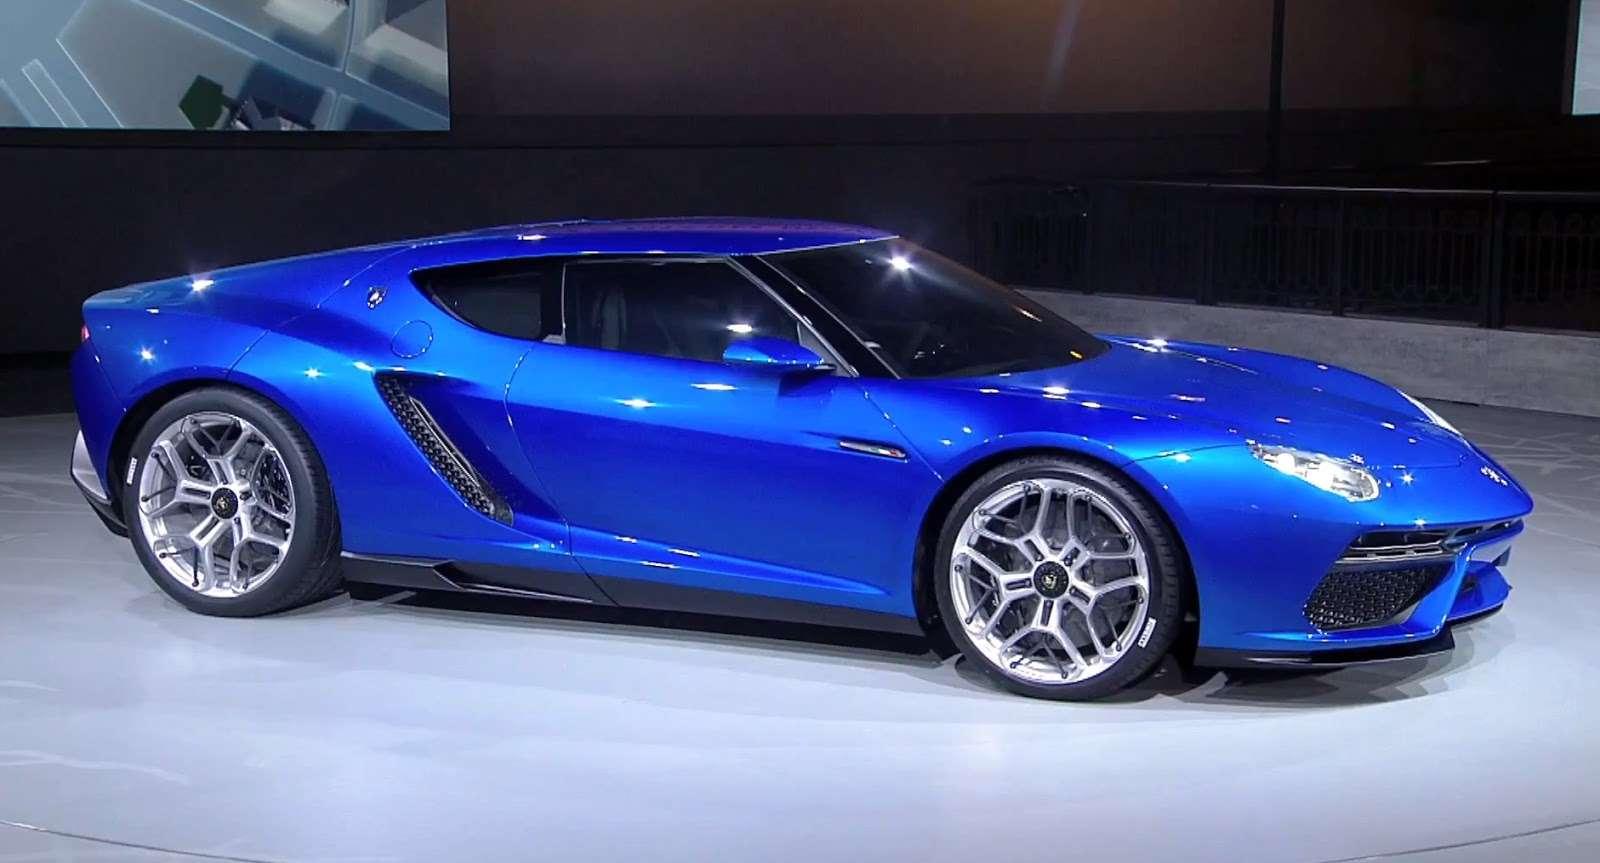 Lamborghini Asterion Paryż 2014